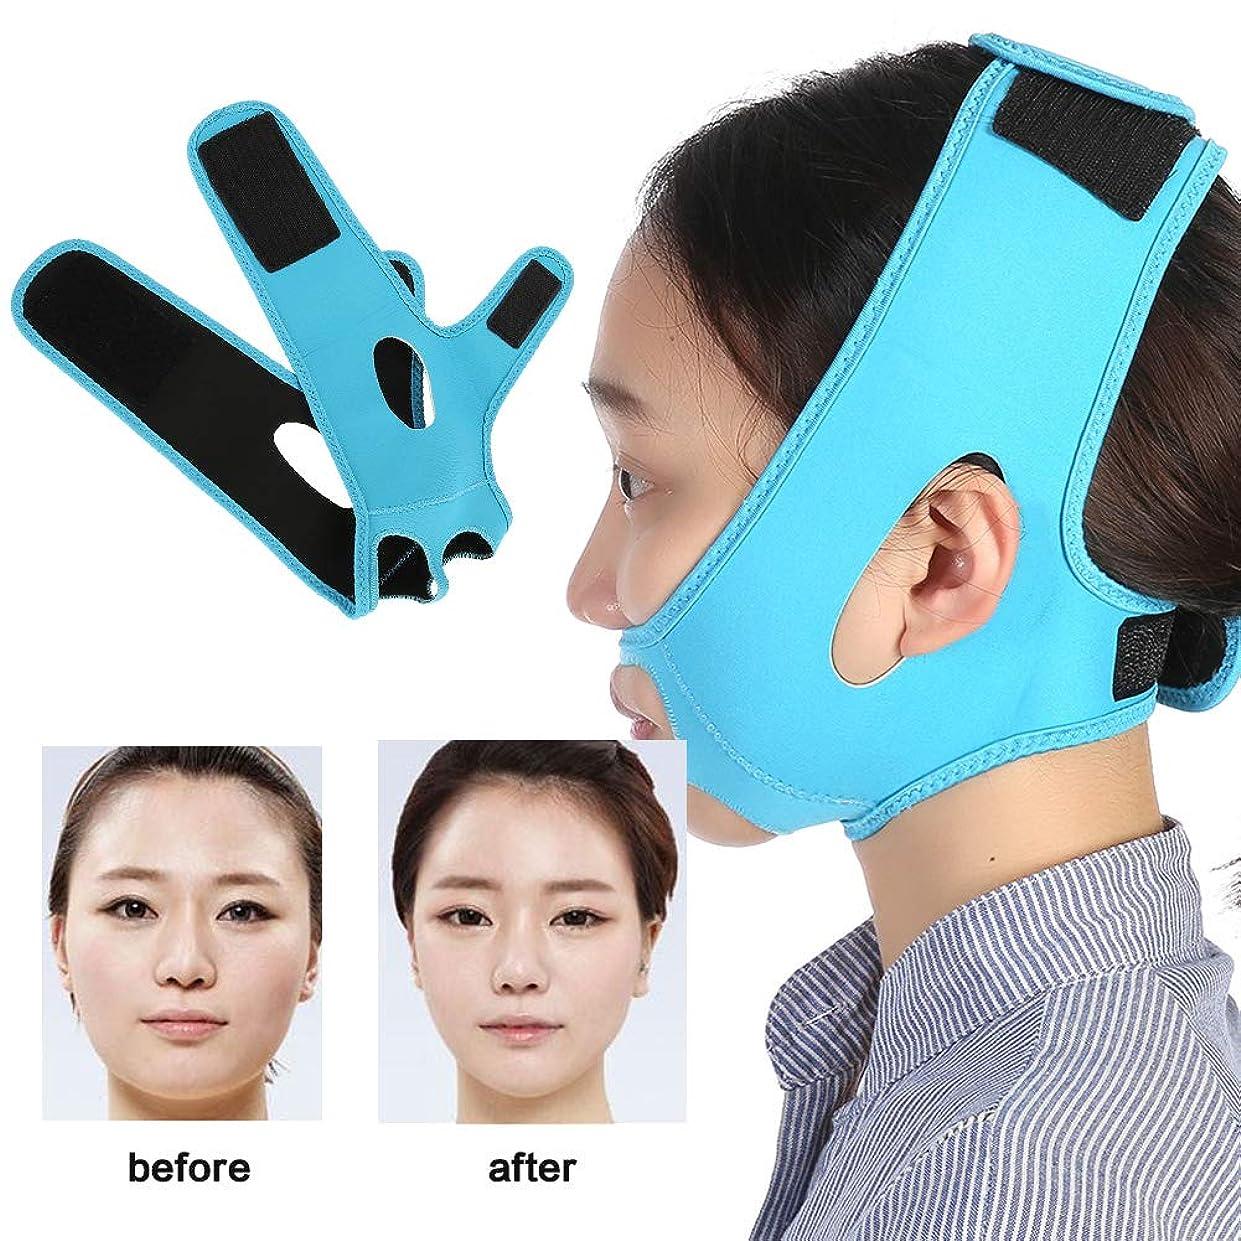 知り合いになる絵奨励します顔の輪郭を改善するためのフェイスマスクのスリム化 Vフェイス美容包帯 通気性/伸縮性/非変形性